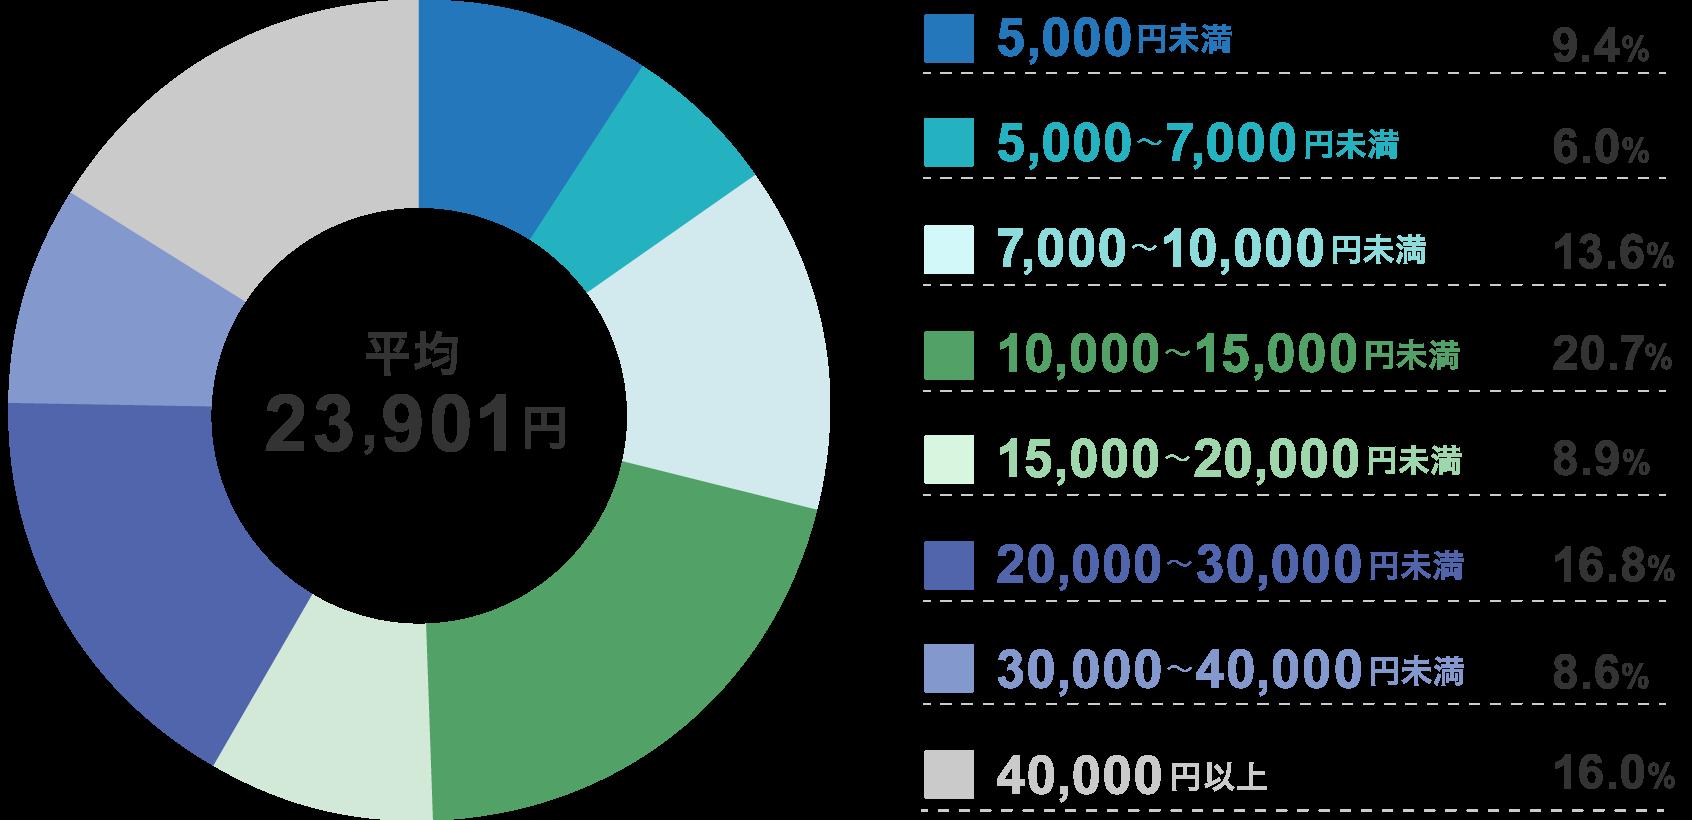 入院1日あたりの自己負担額と逸失収入の総額